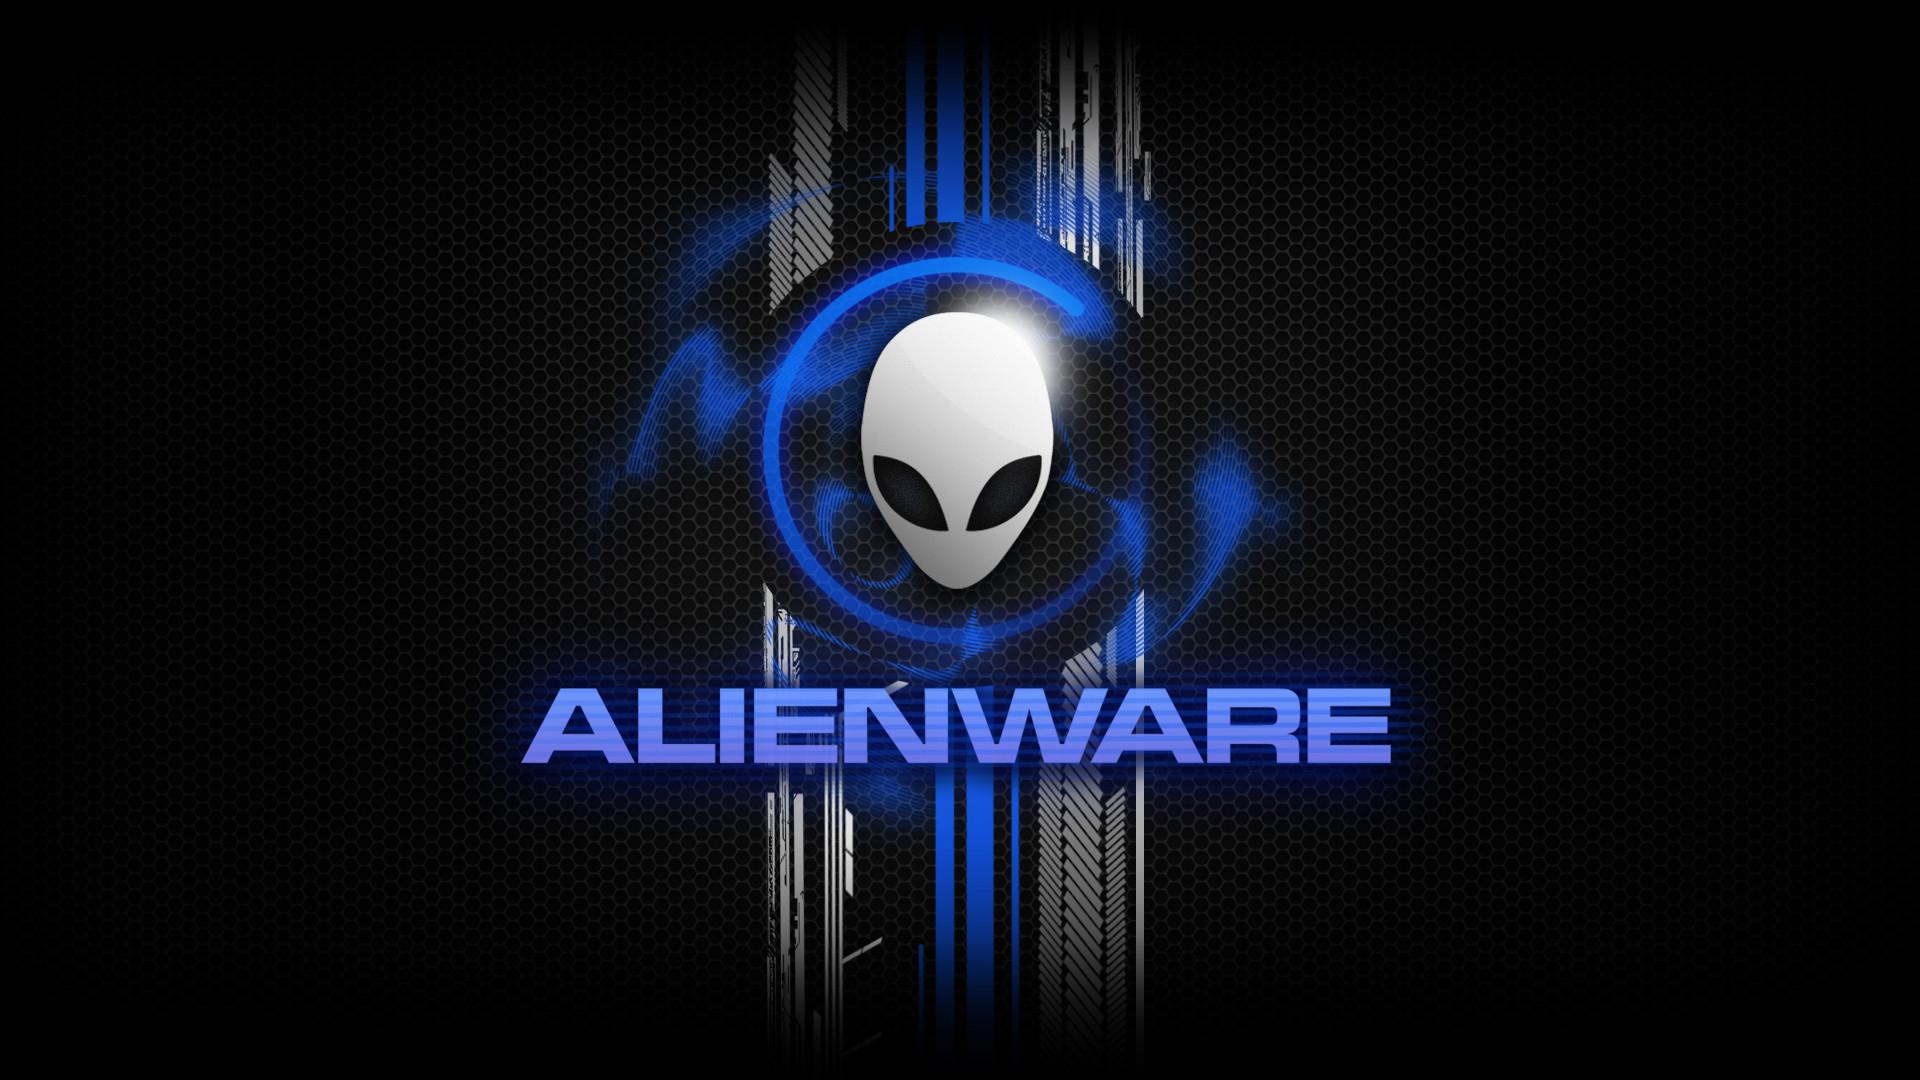 Alienware Desktop Background Alienware Head Blue Honeycomb Design 1920×1080